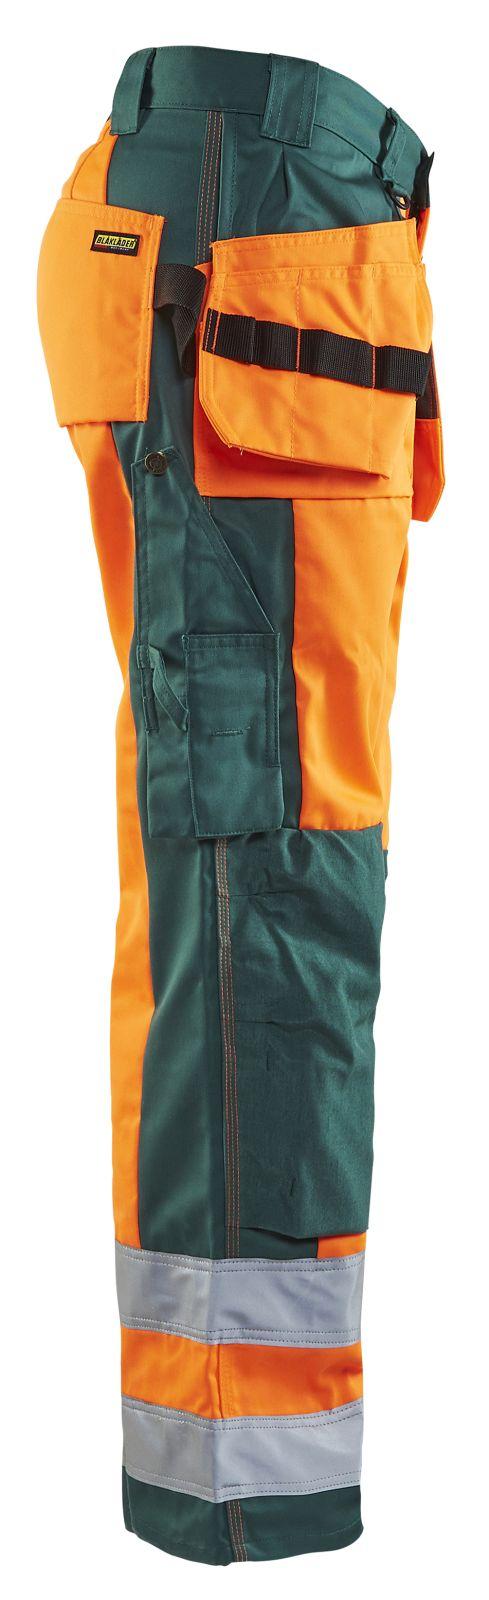 Blaklader Broeken 15331860 High Vis fluo oranje-groen(5349)